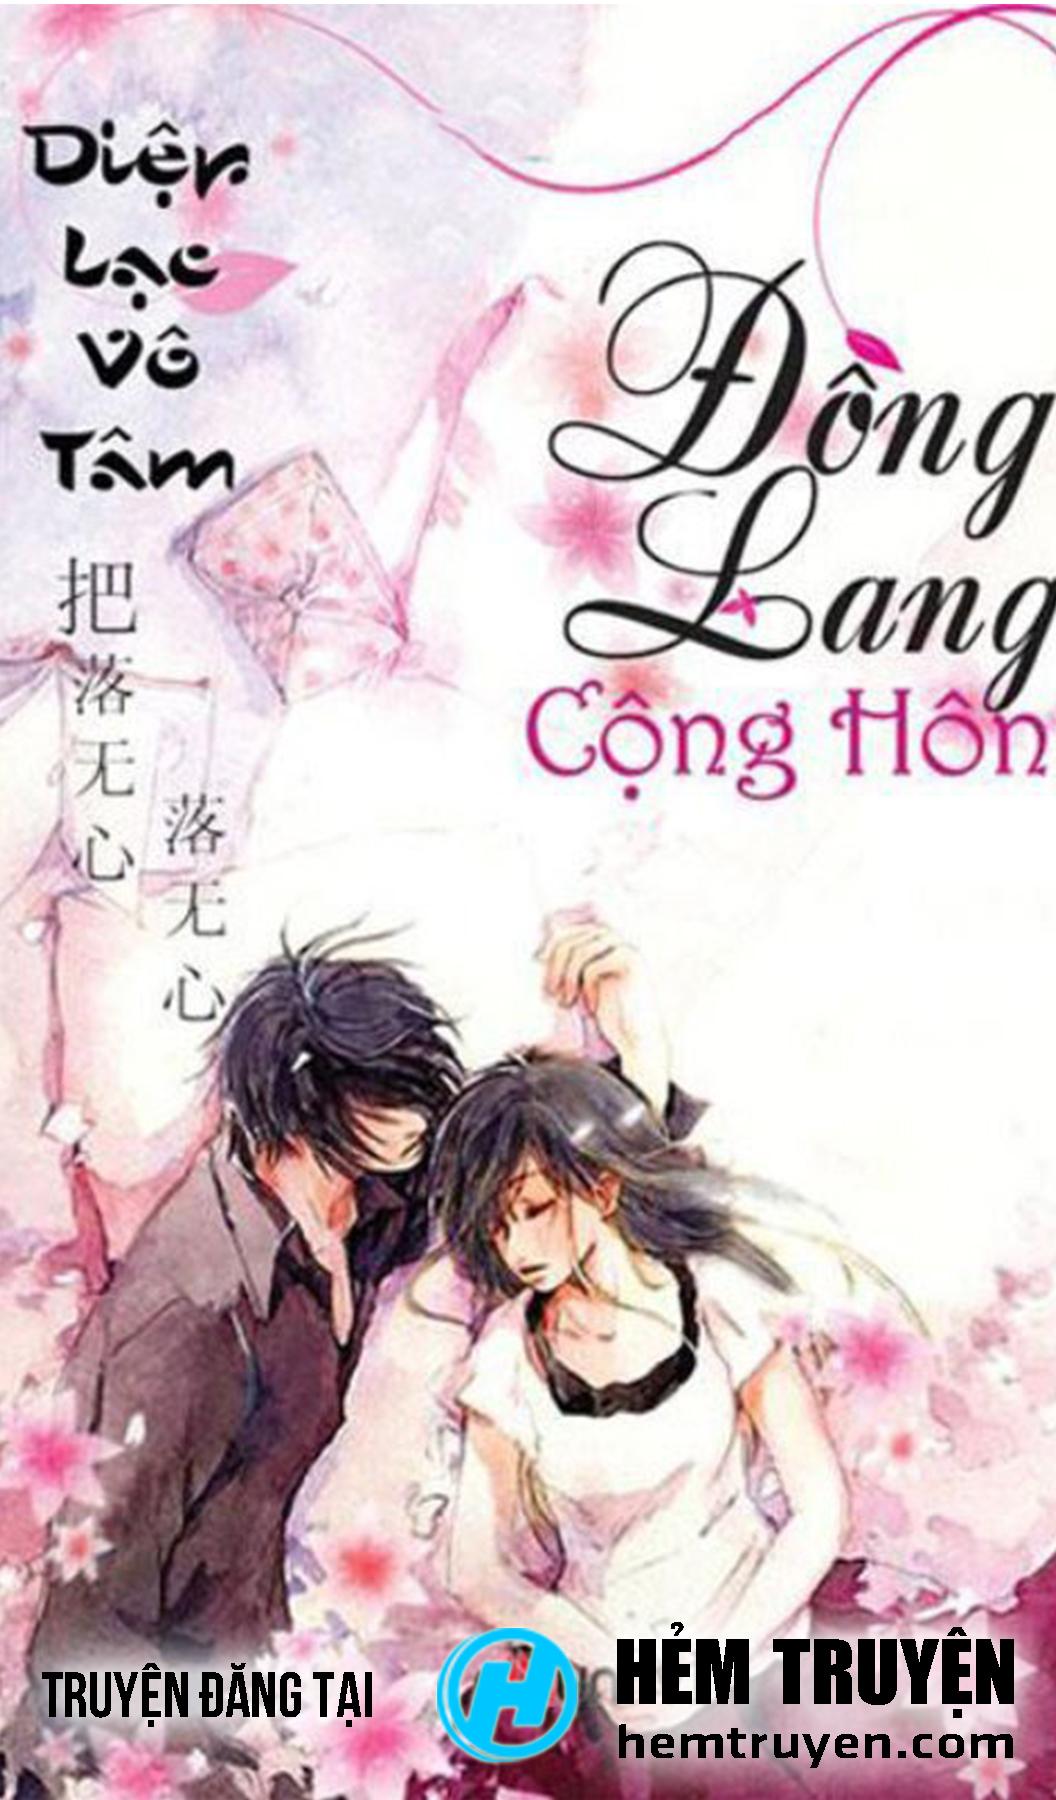 Đọc truyện Đồng Lang Cộng Hôn của Diệp Lạc Vô Tâm trên HEMTRUYEN.COM